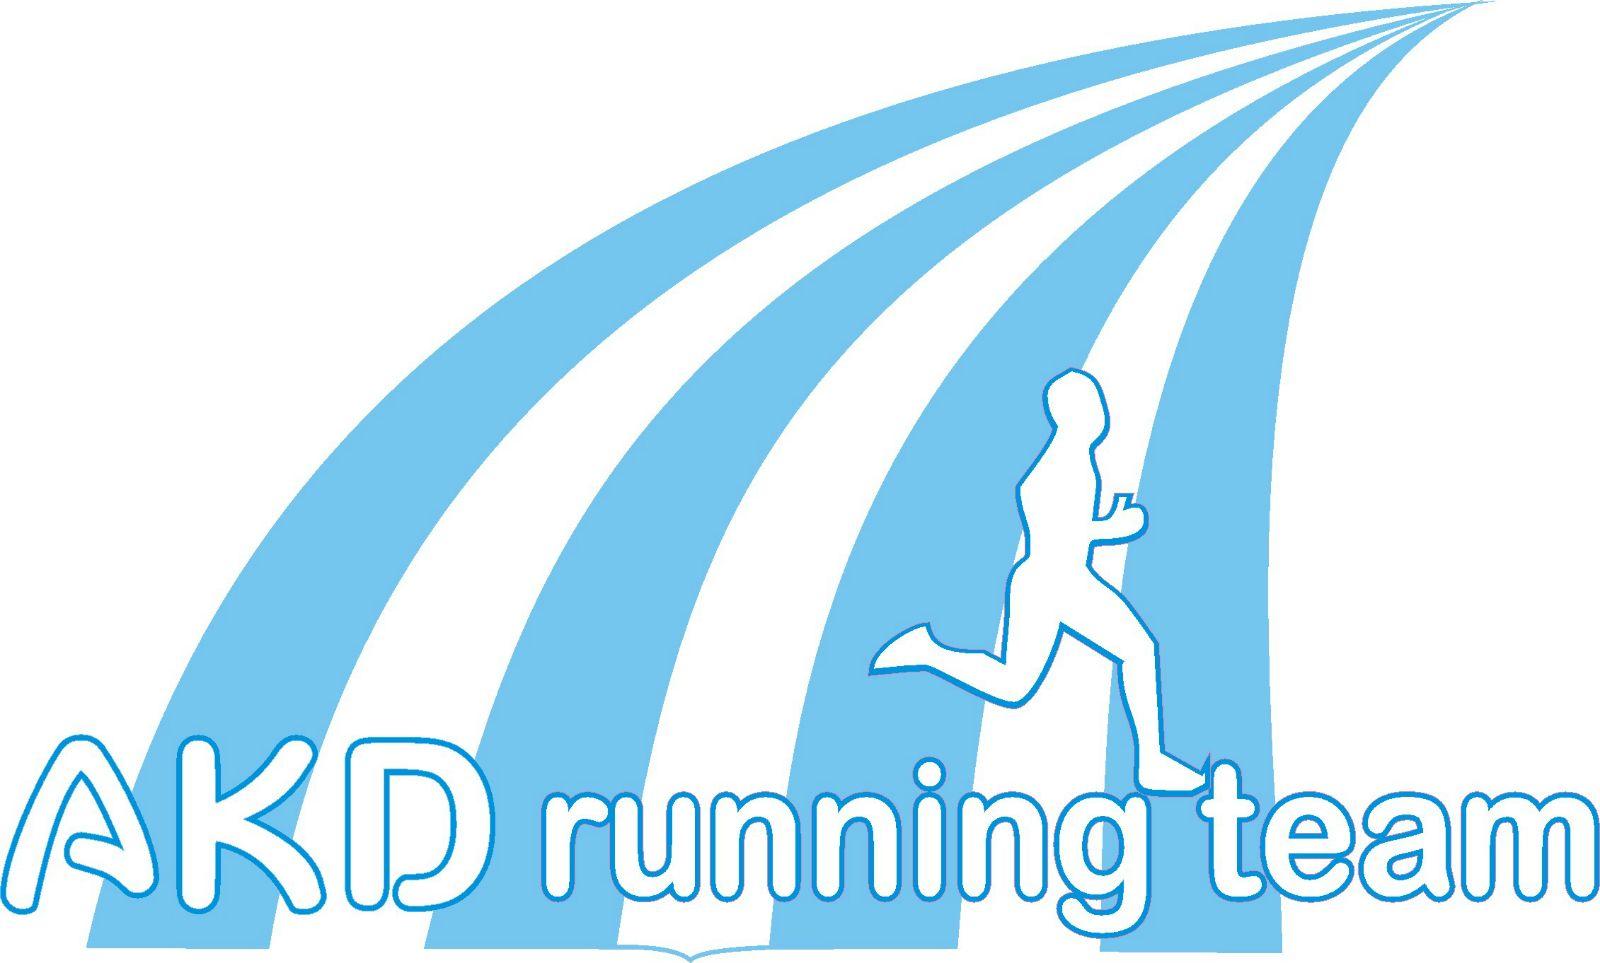 akd-running-logo